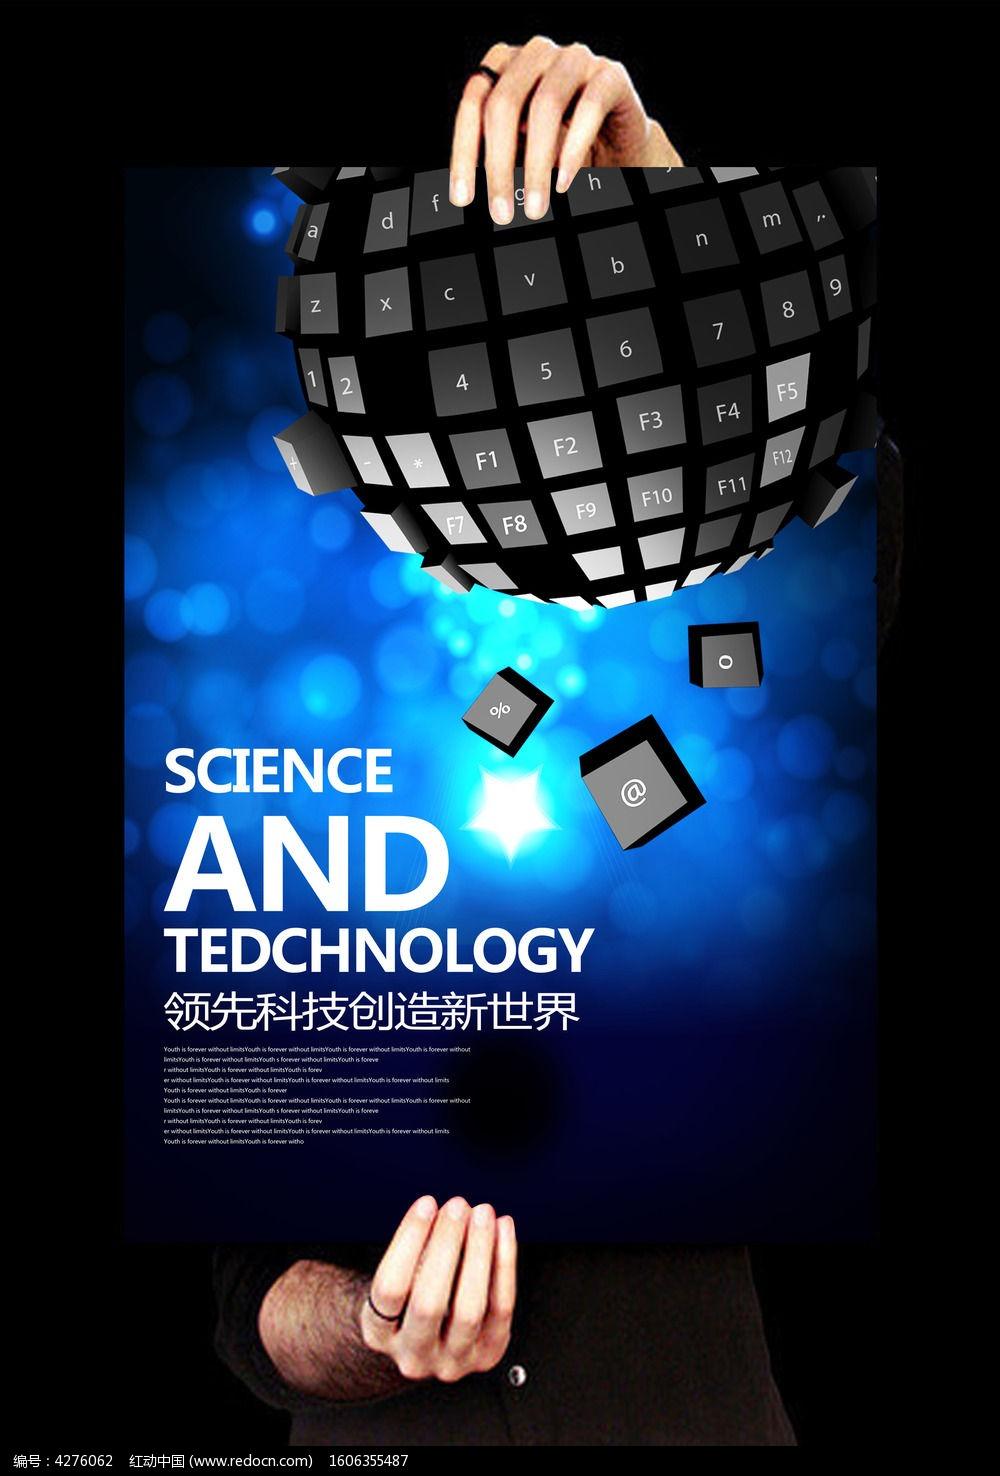 创意蓝色键盘电脑科技海报设计图片